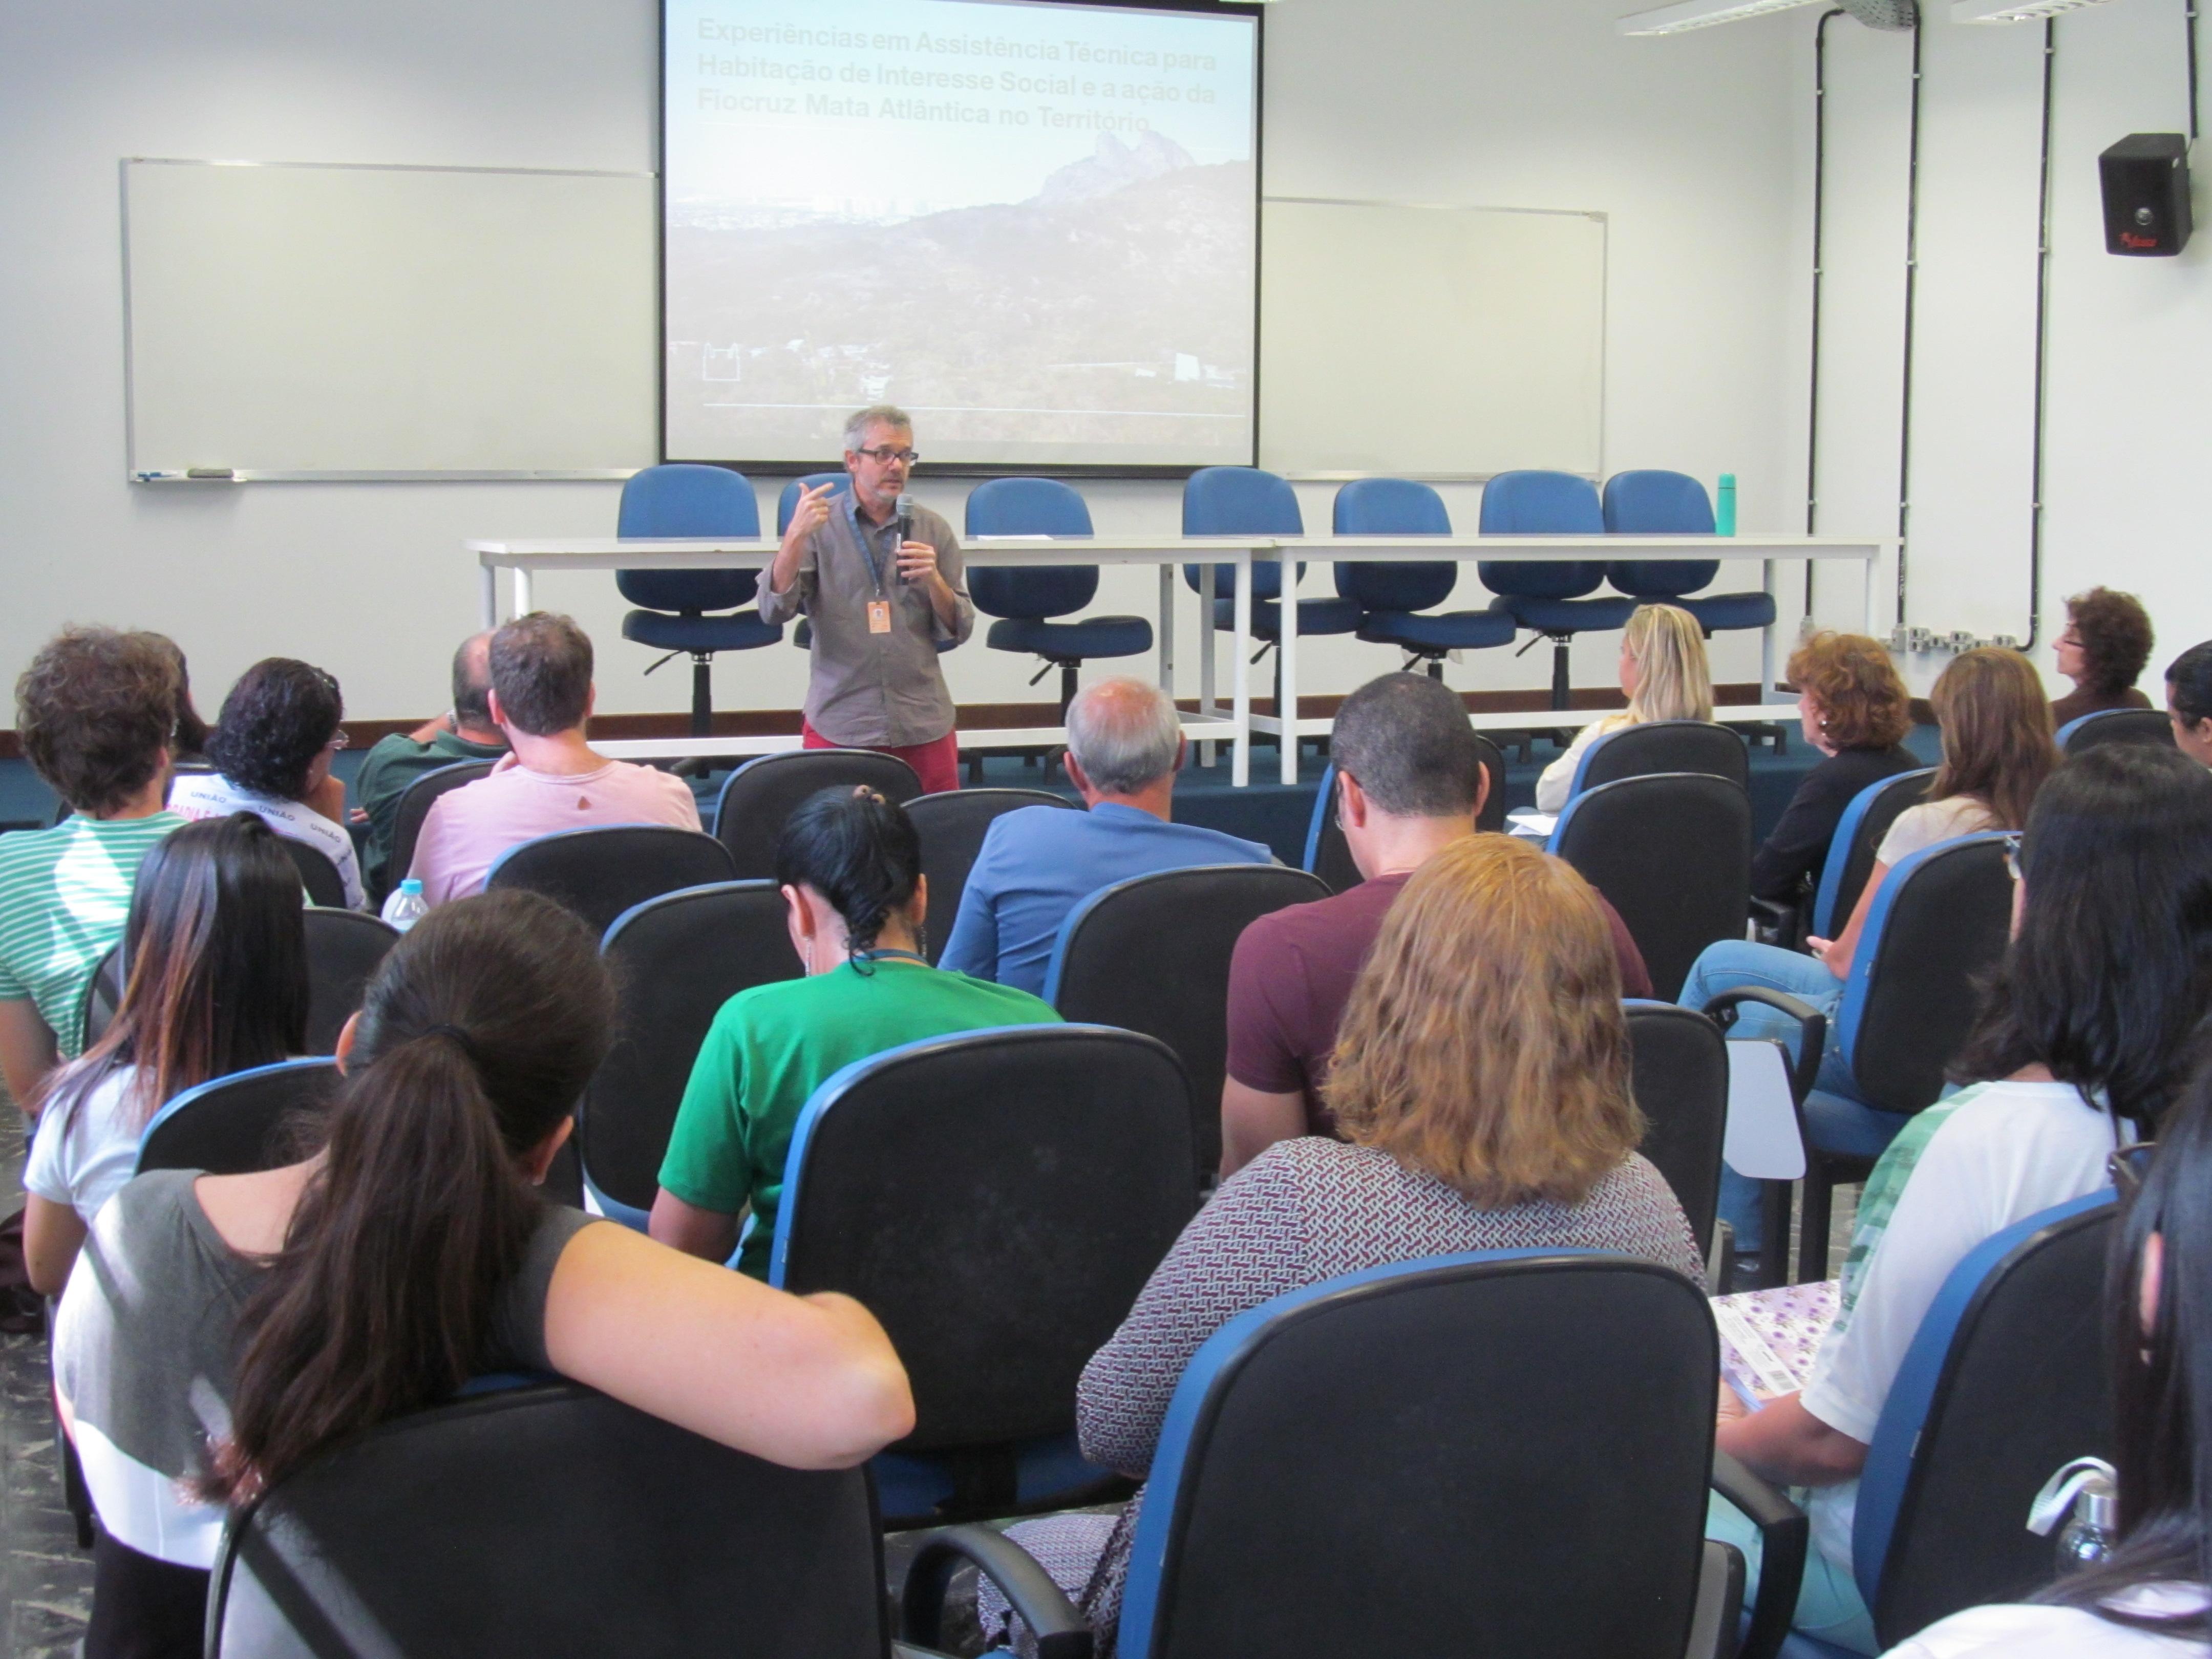 Luís Madeira fez a coordenação dos debates e apresentou os temas